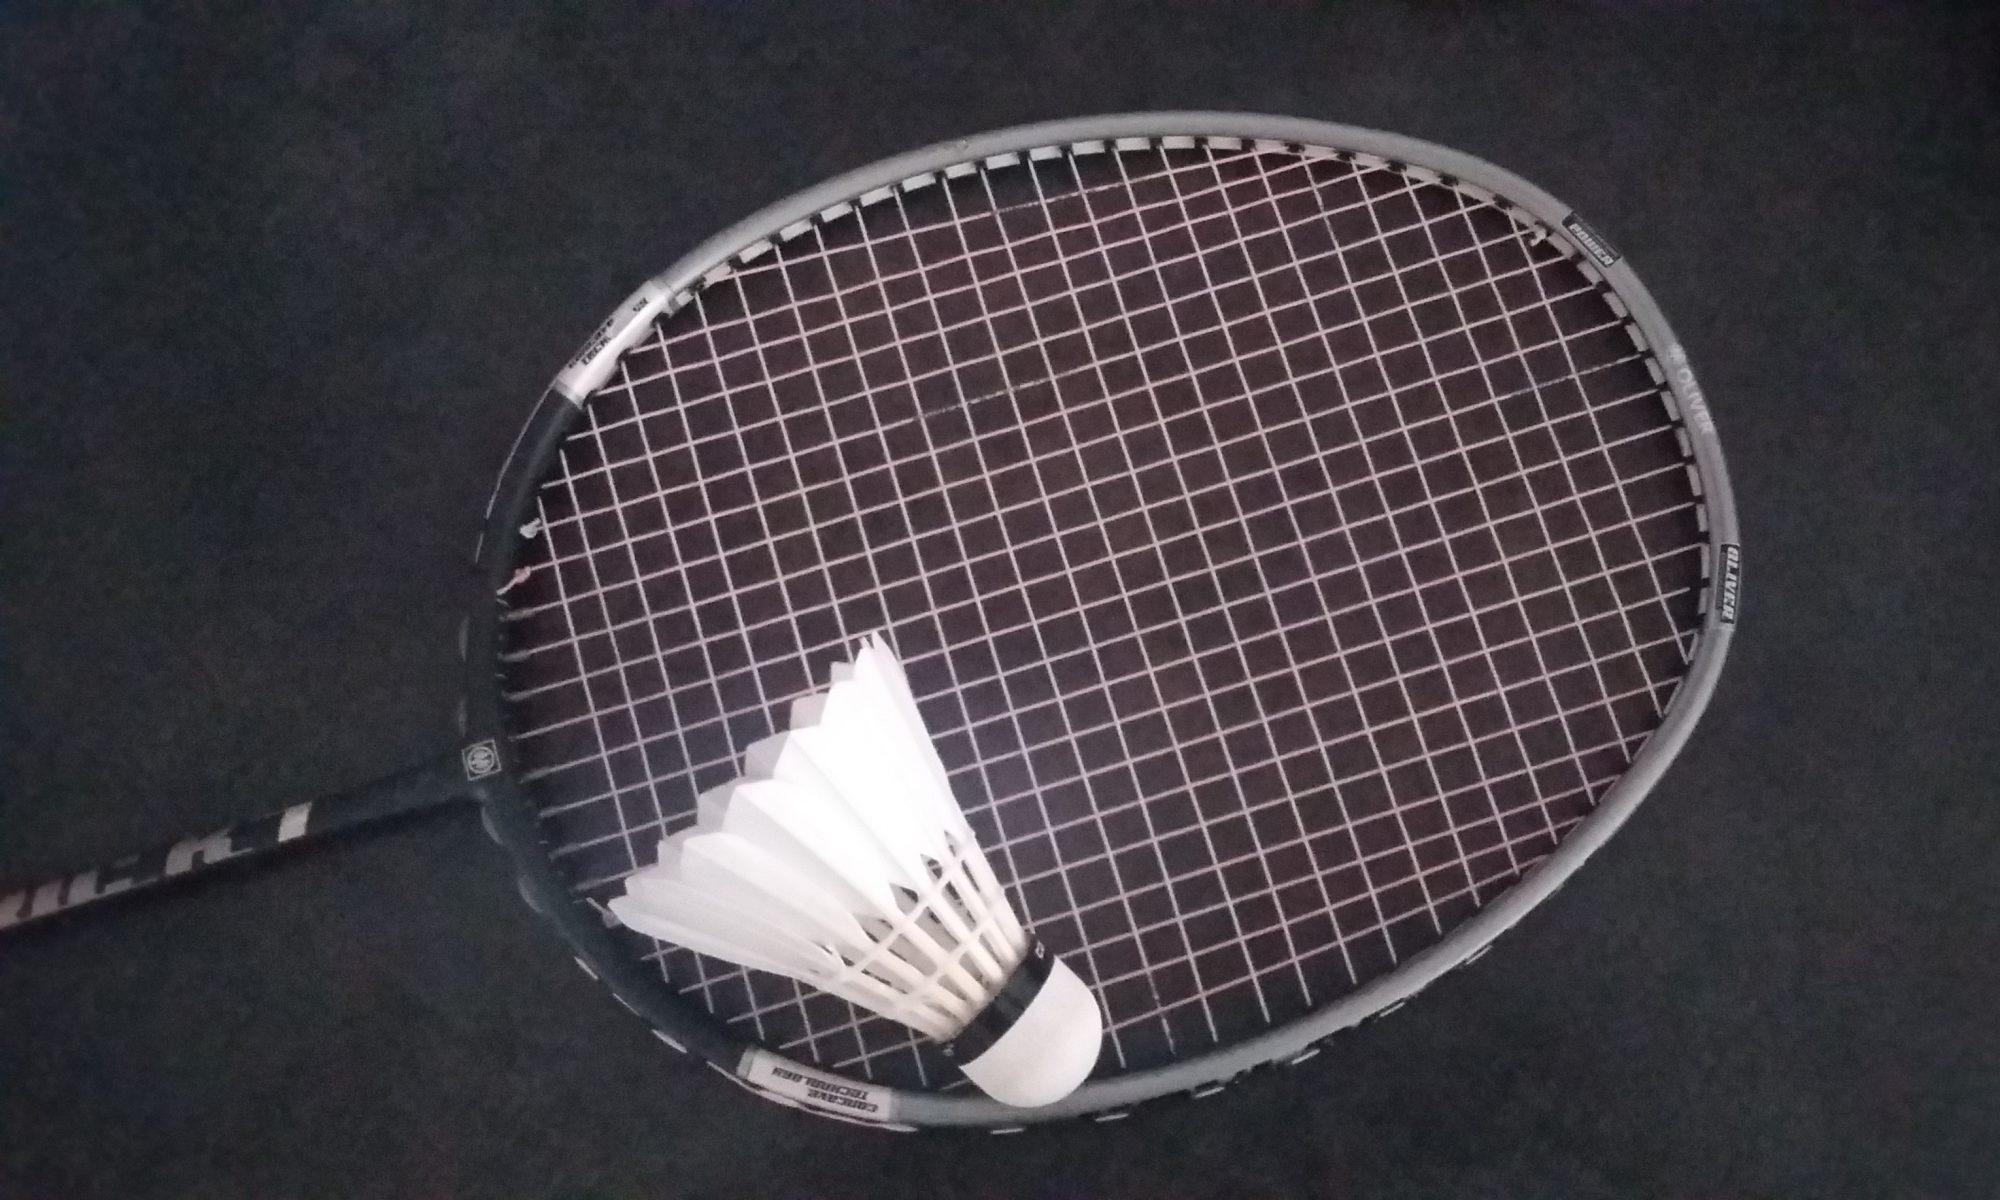 Badminton Club de Mallemort